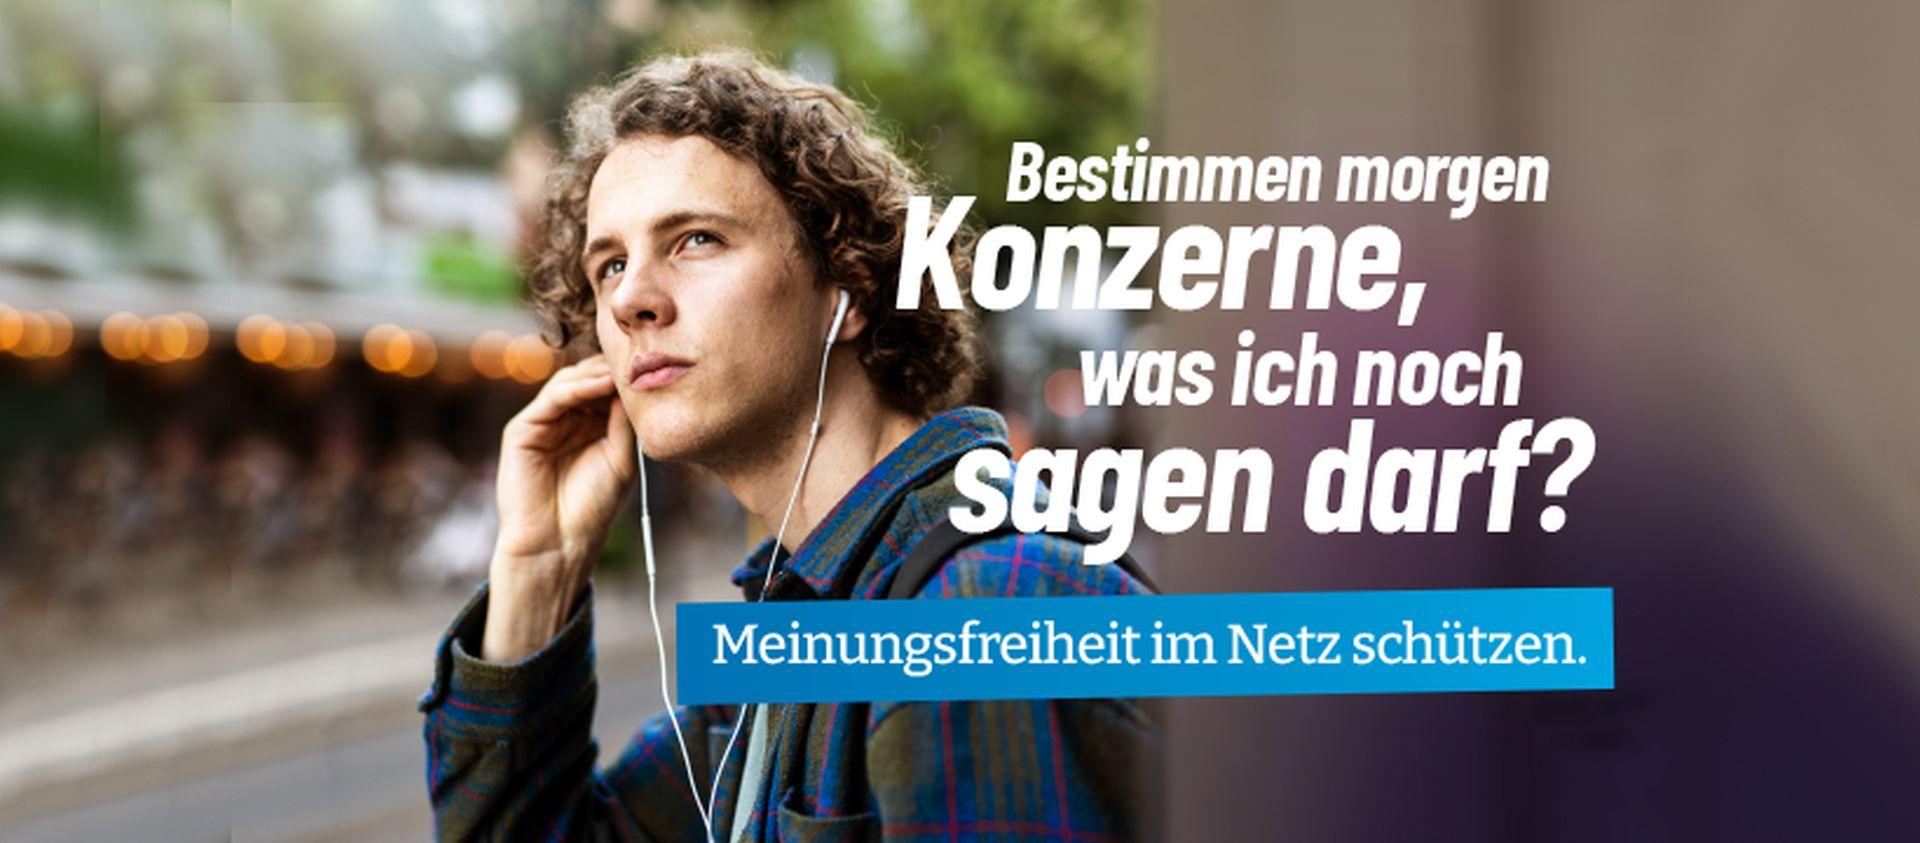 FB_Cover_Photo_Kampagne2_Meinungsfreiheit